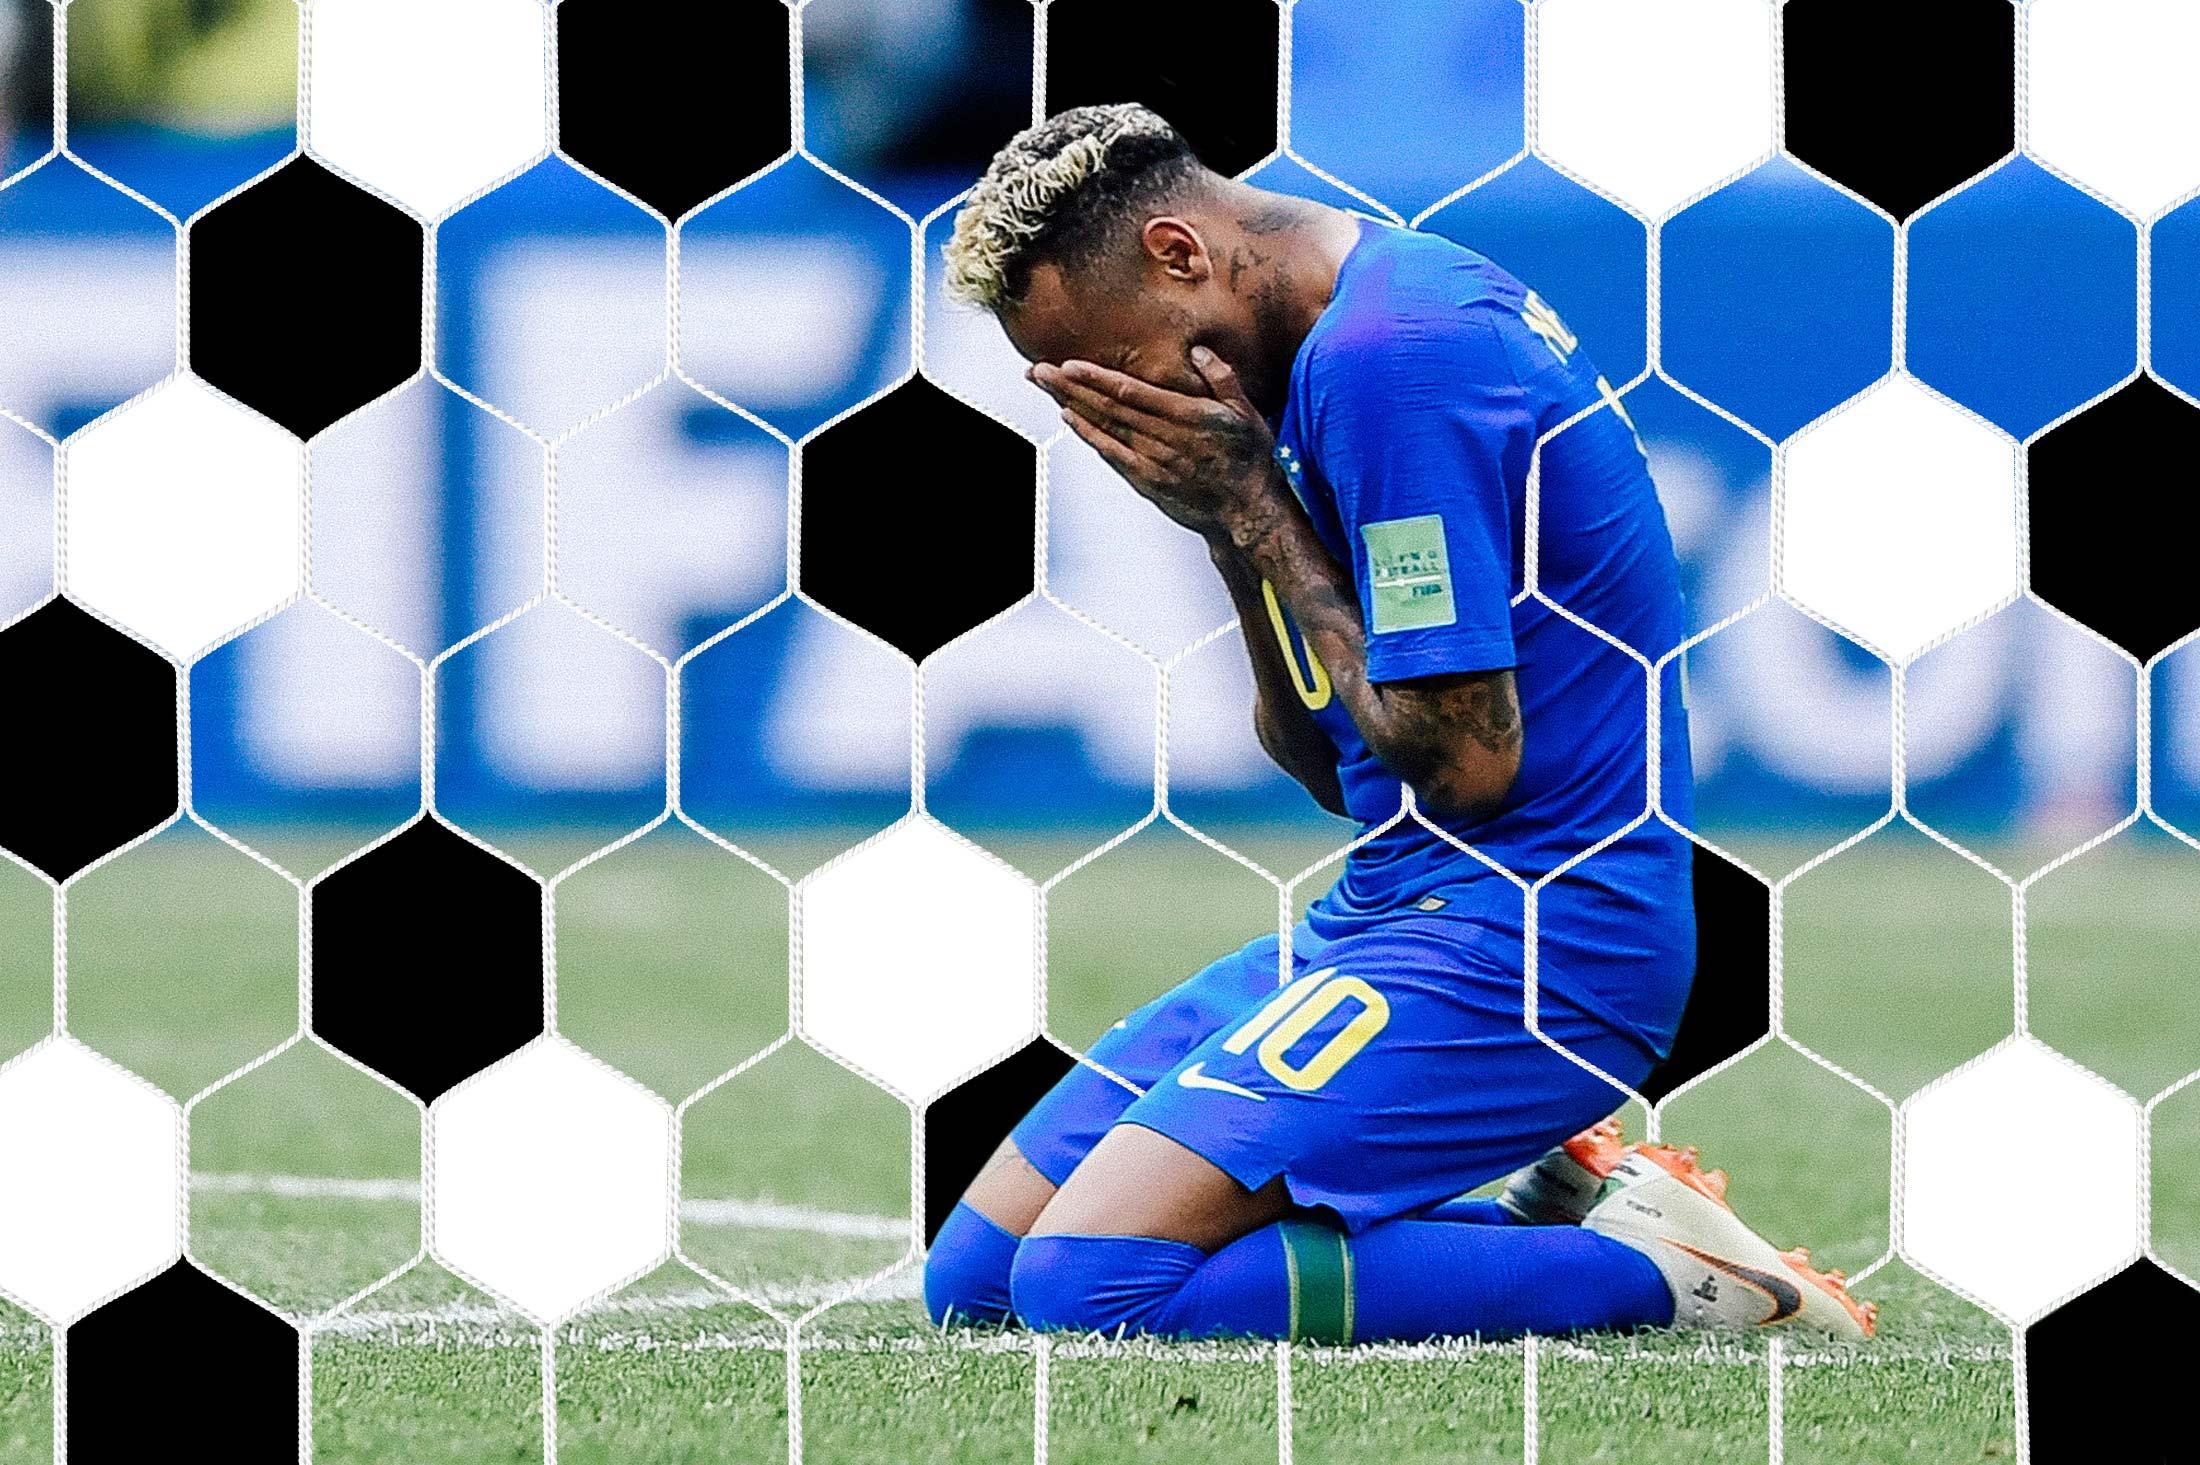 Brazil's forward Neymar cries after scoring a goal.